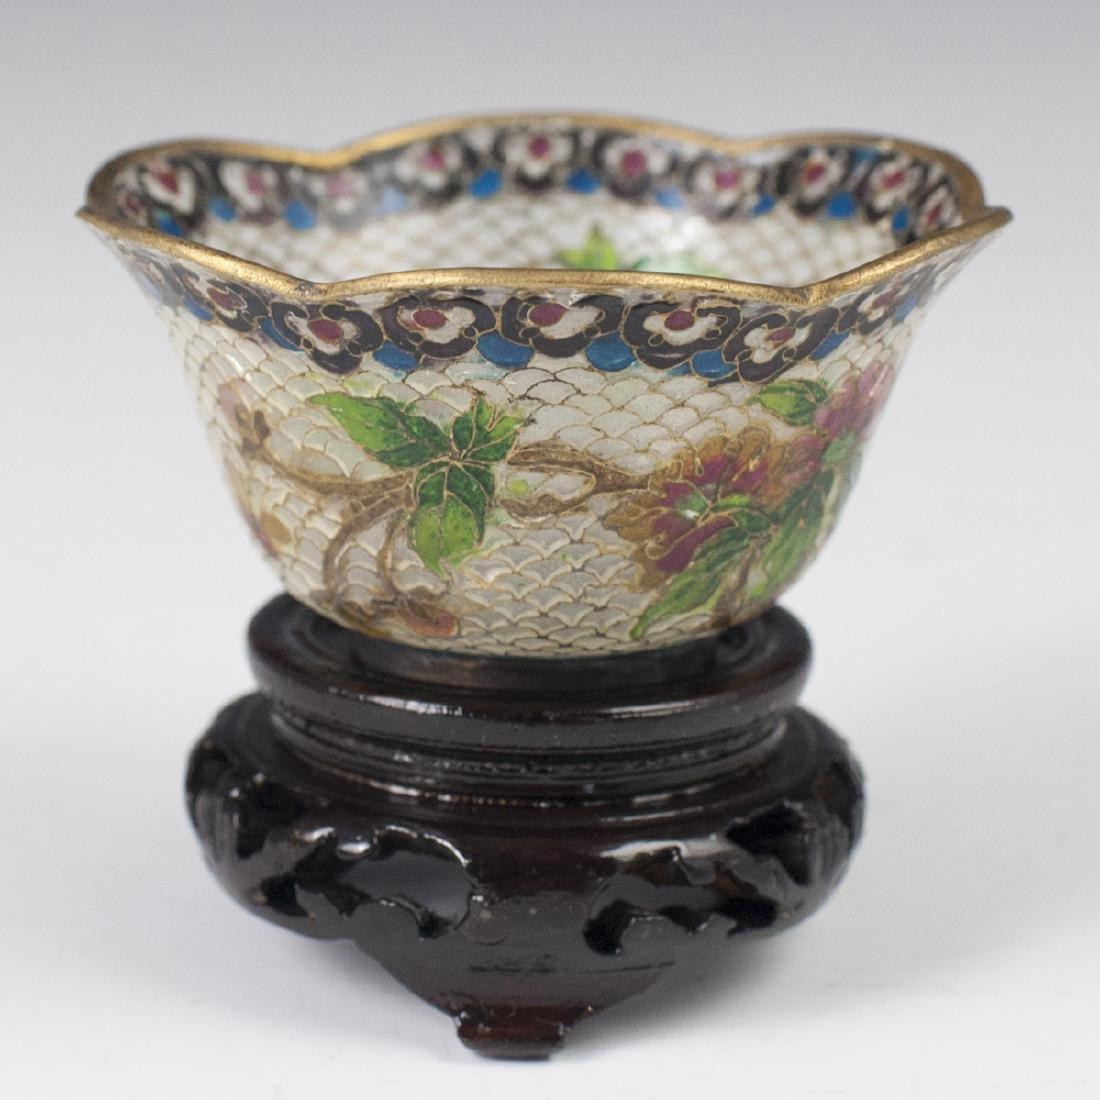 Chinese Plique a Jour Diminutive Bowl